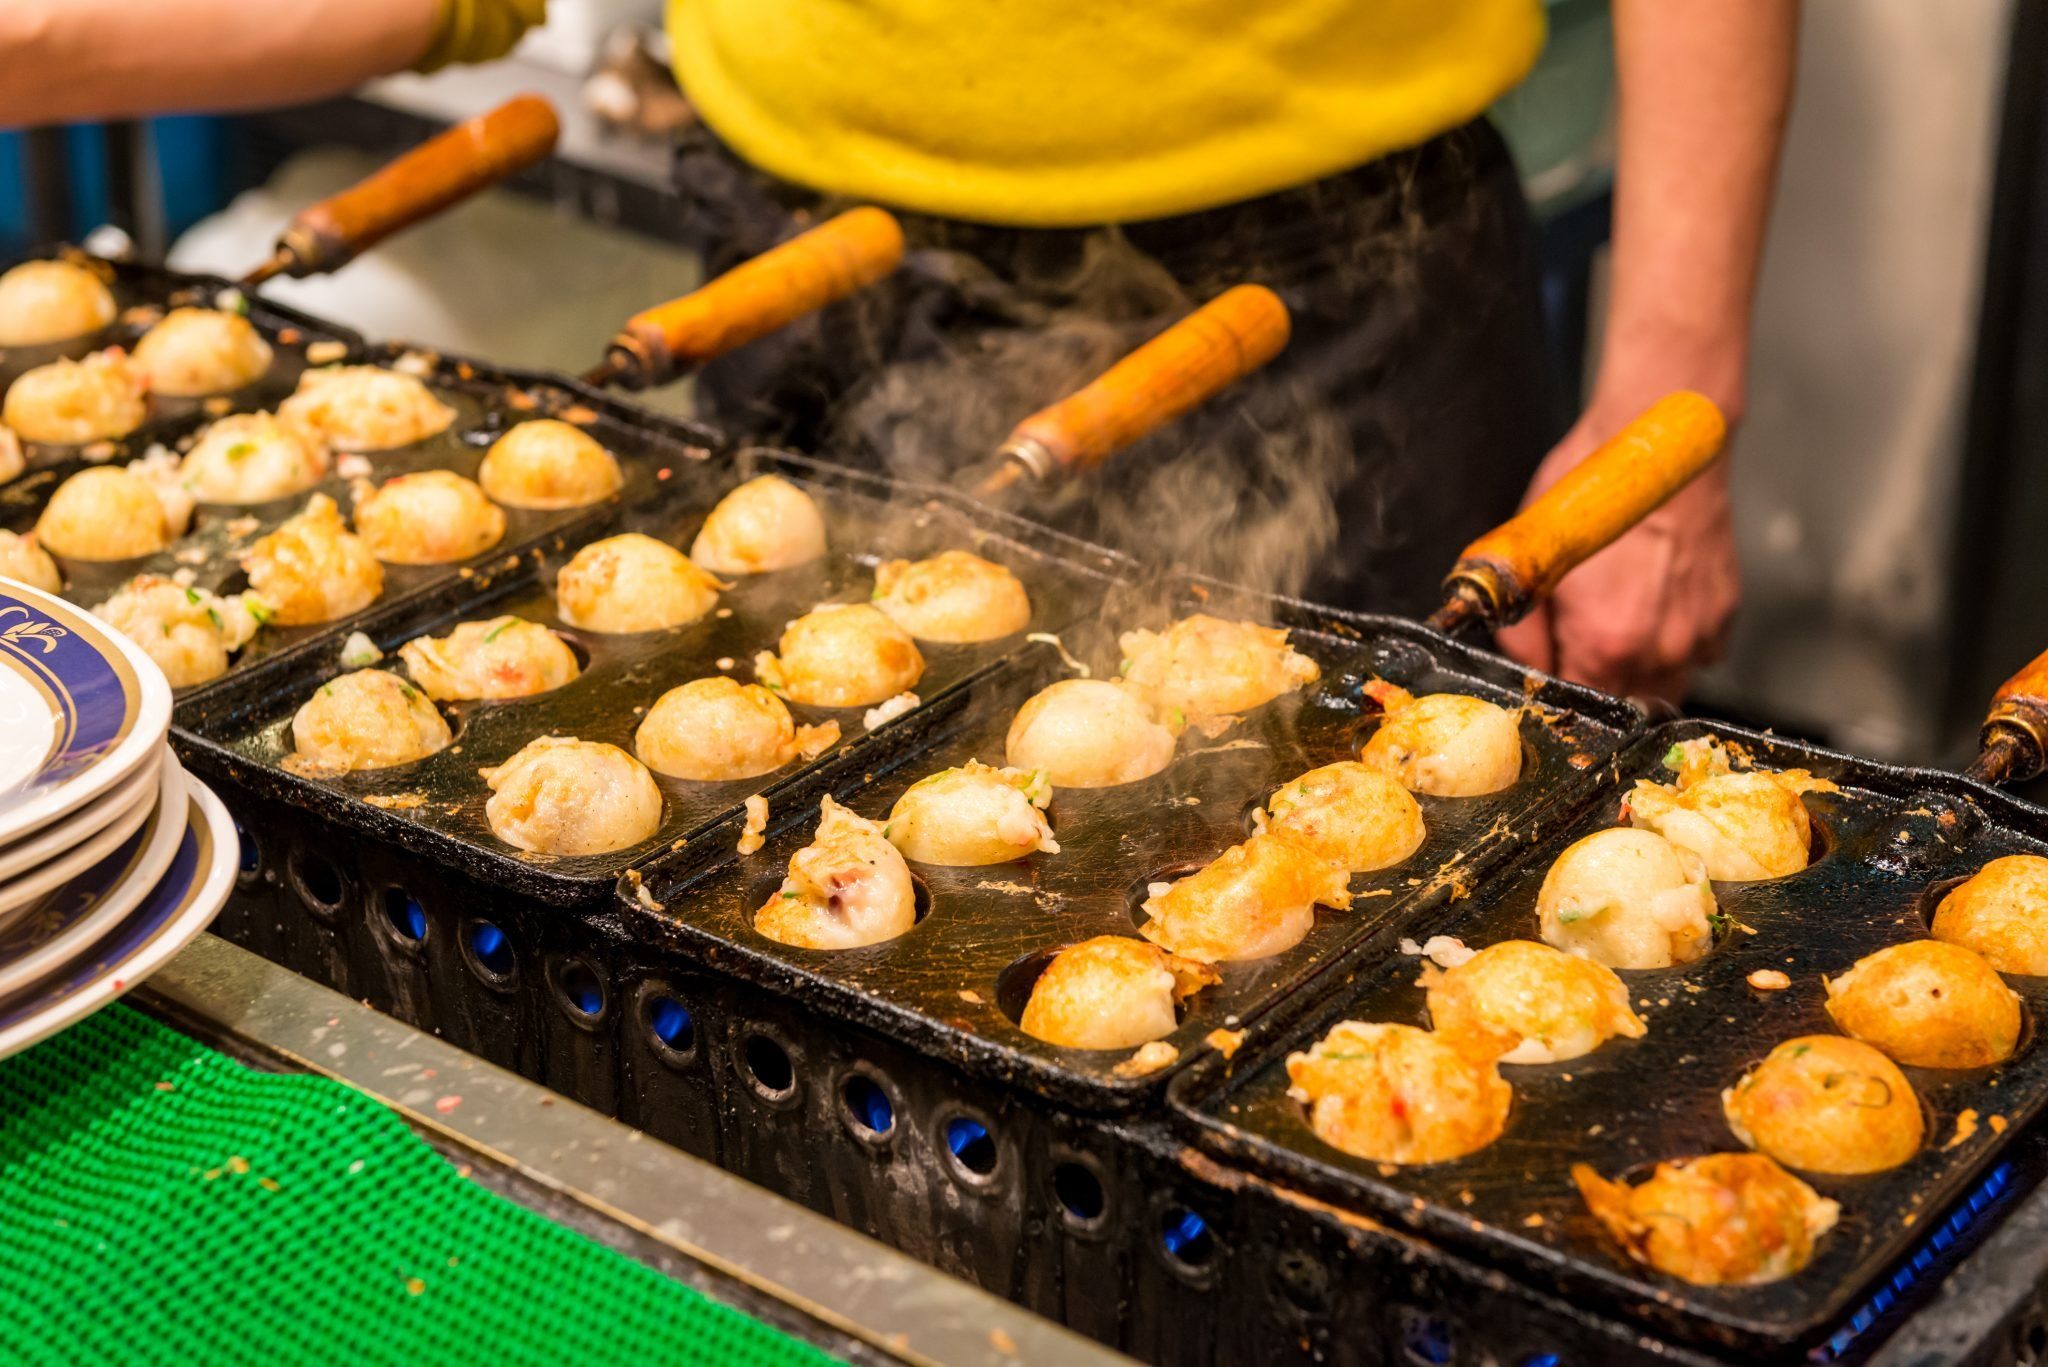 Kuromon-Ichiba Market